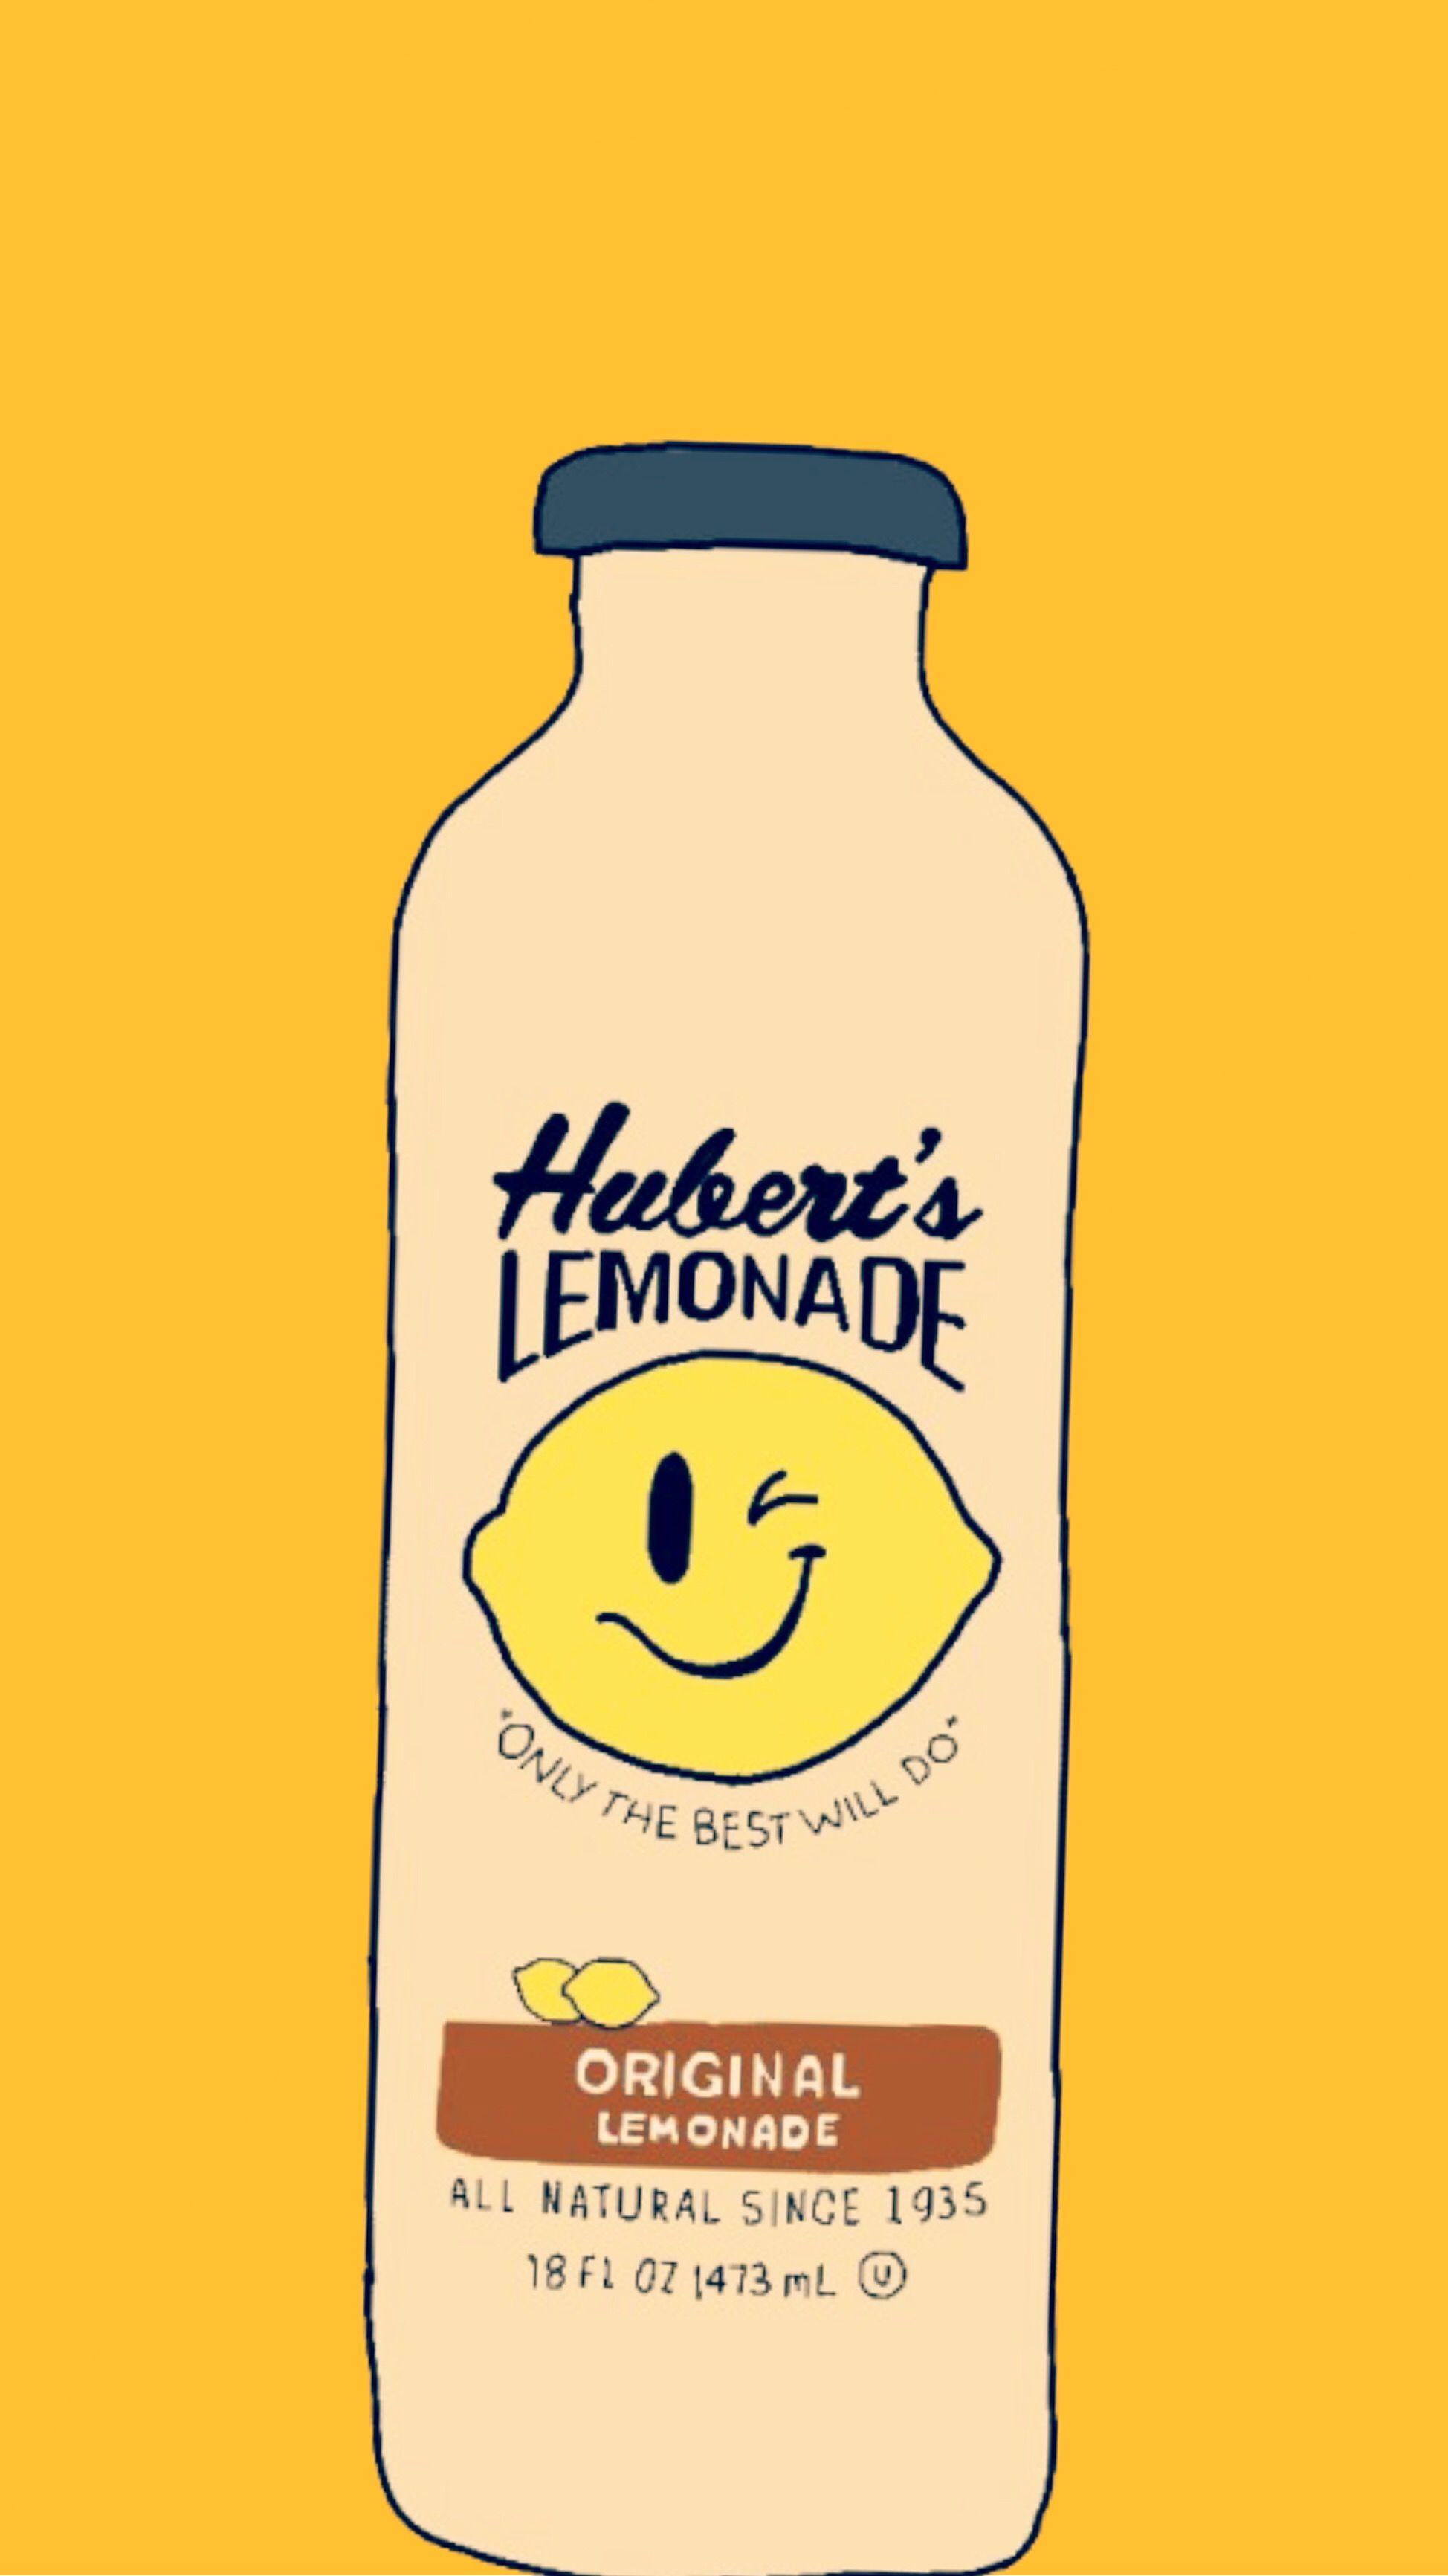 Lemonade wallpaper aesthetic Lemonade Bottle Food 1948x3465